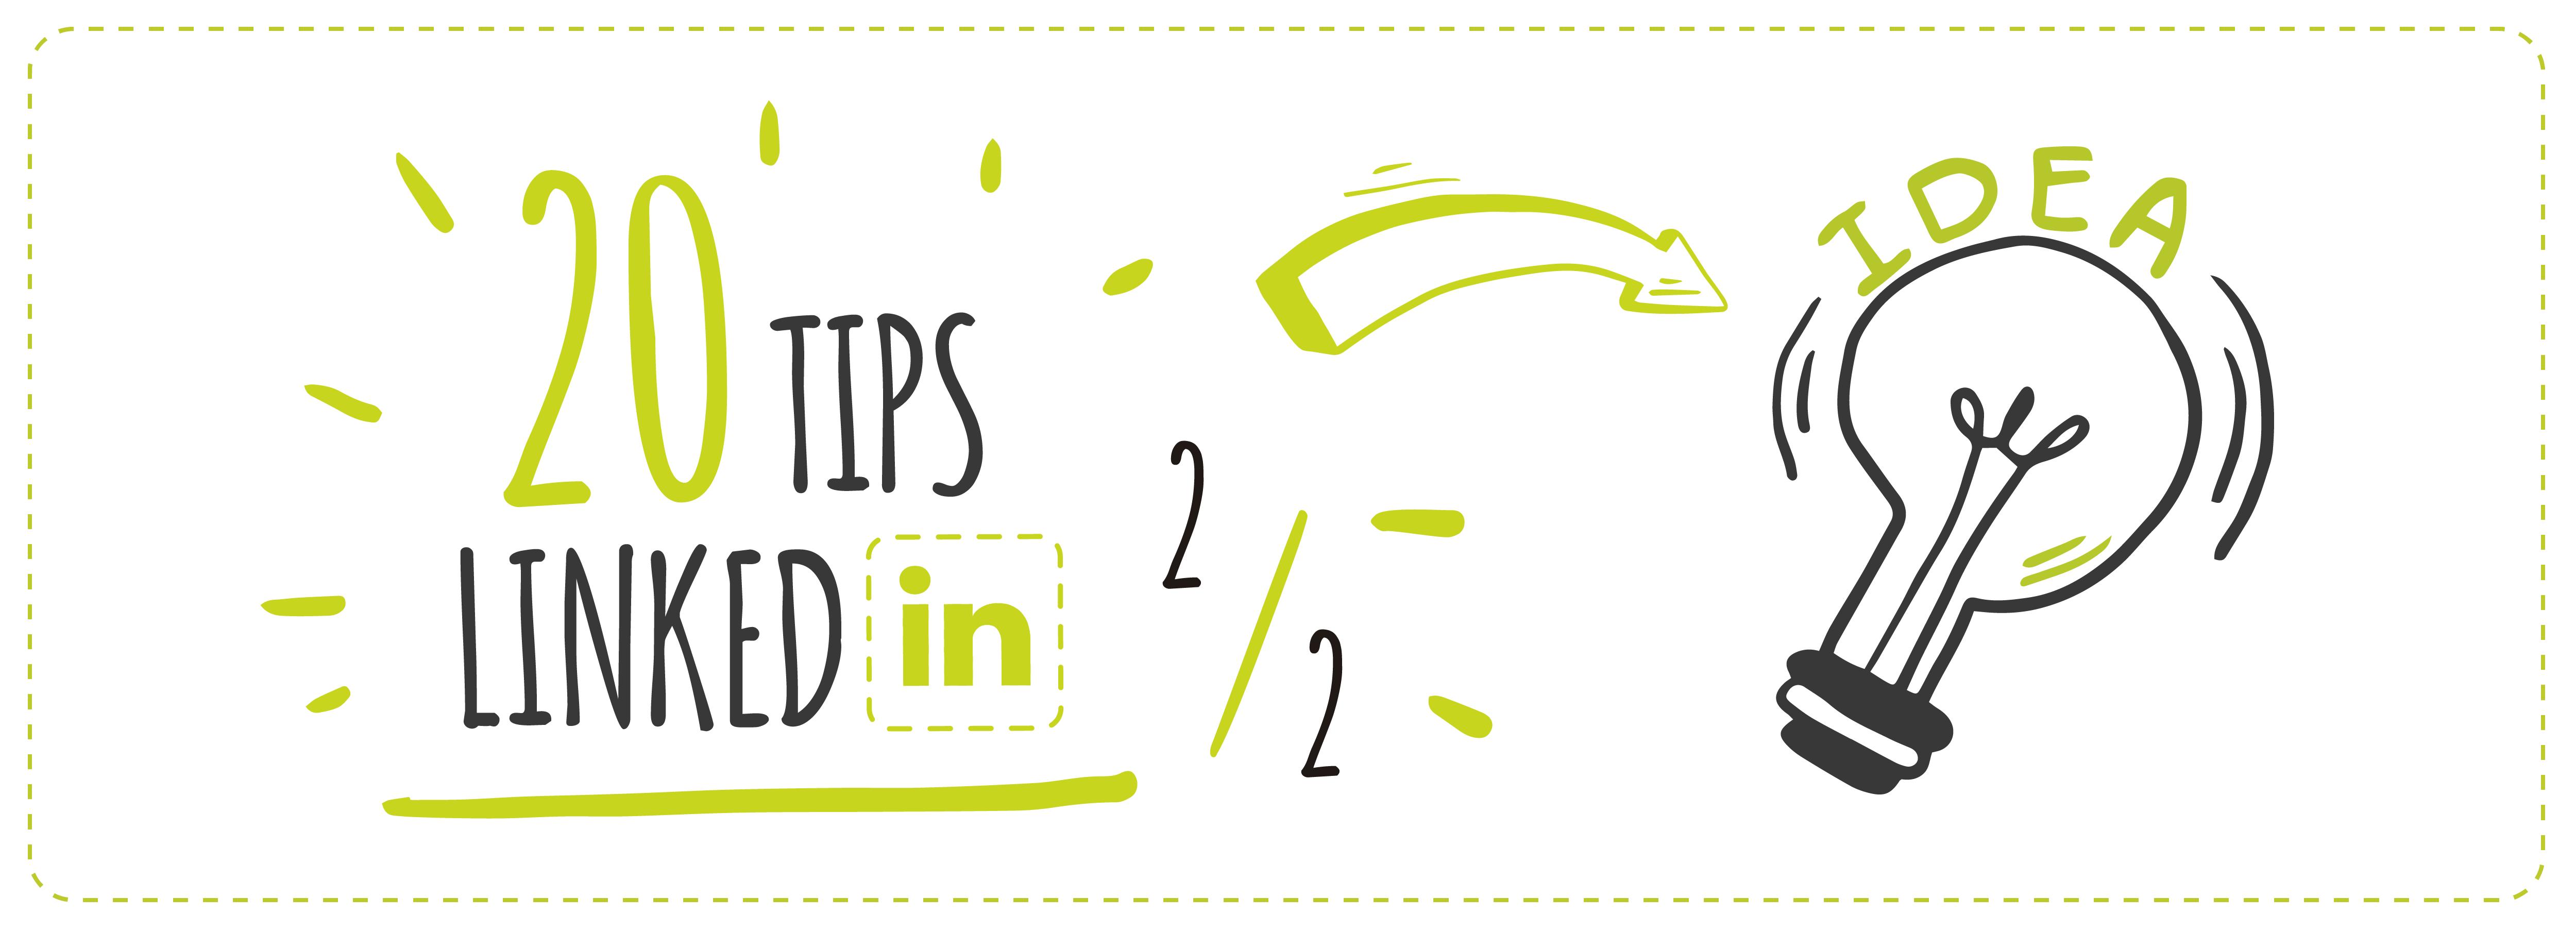 20 TIPS para sacar el máximo de LinkedIN (2/2)